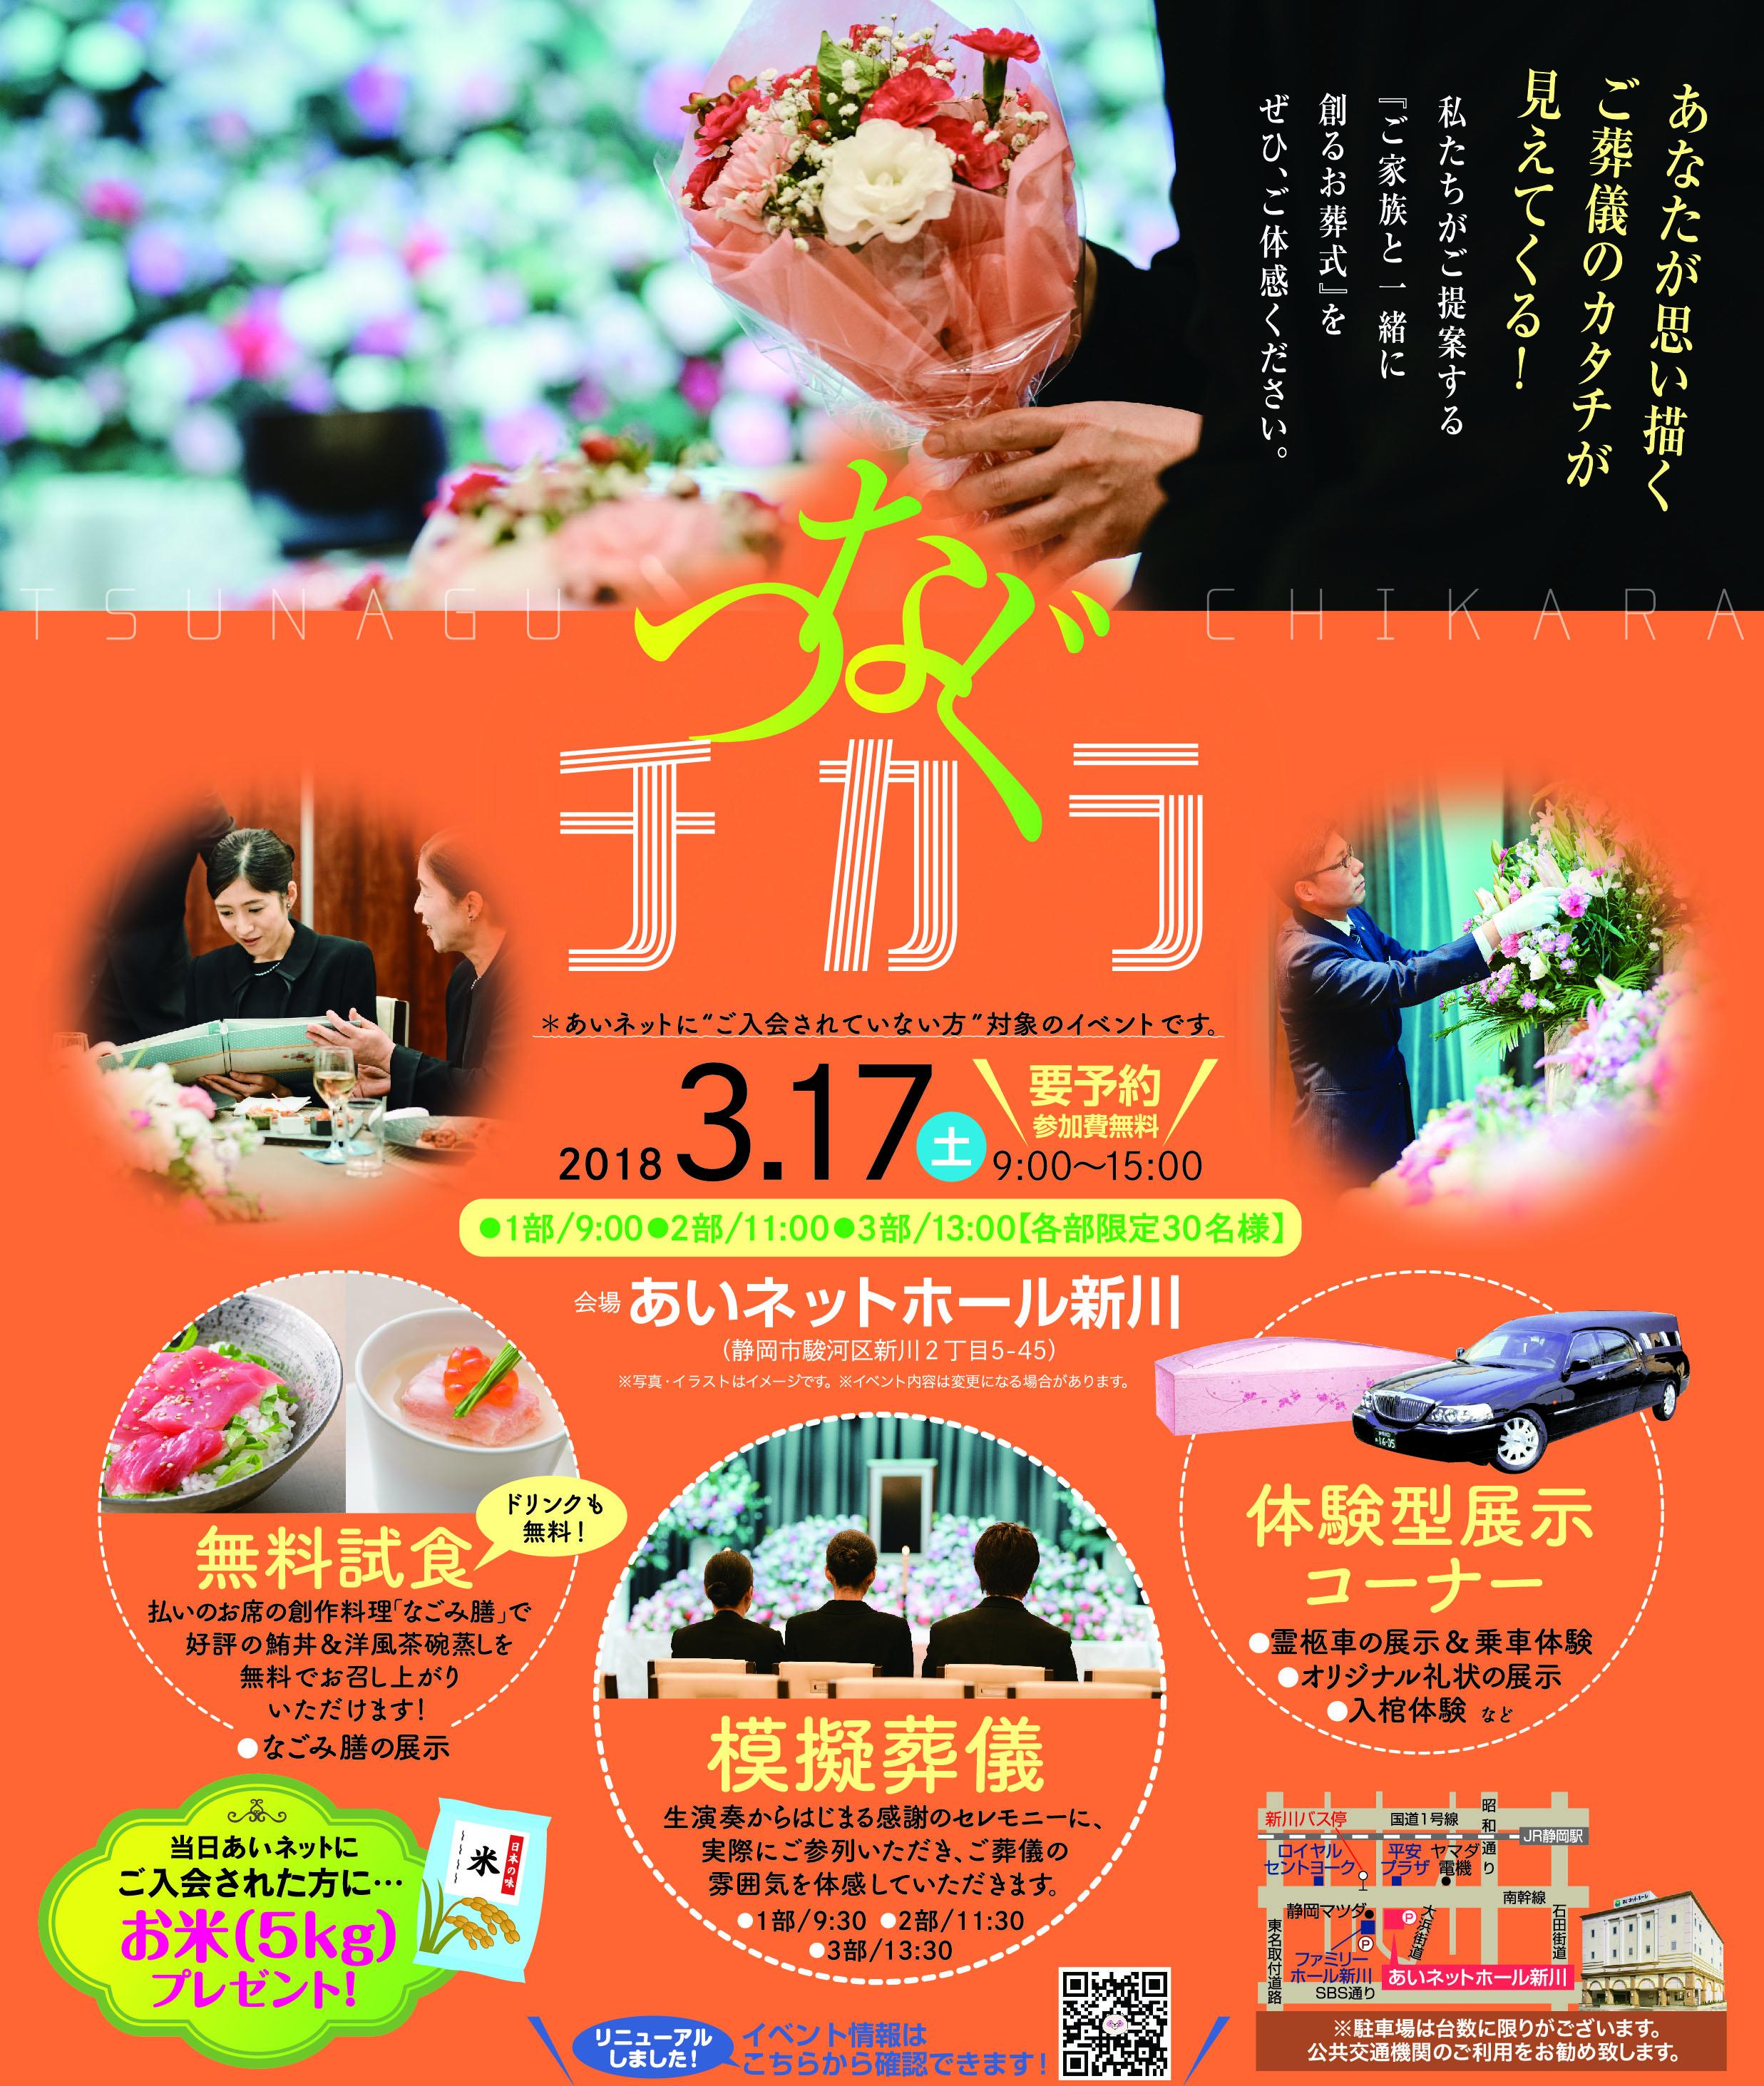 2018年3月17日(土)当社初!★☆★体験型終活イベント開催★☆★